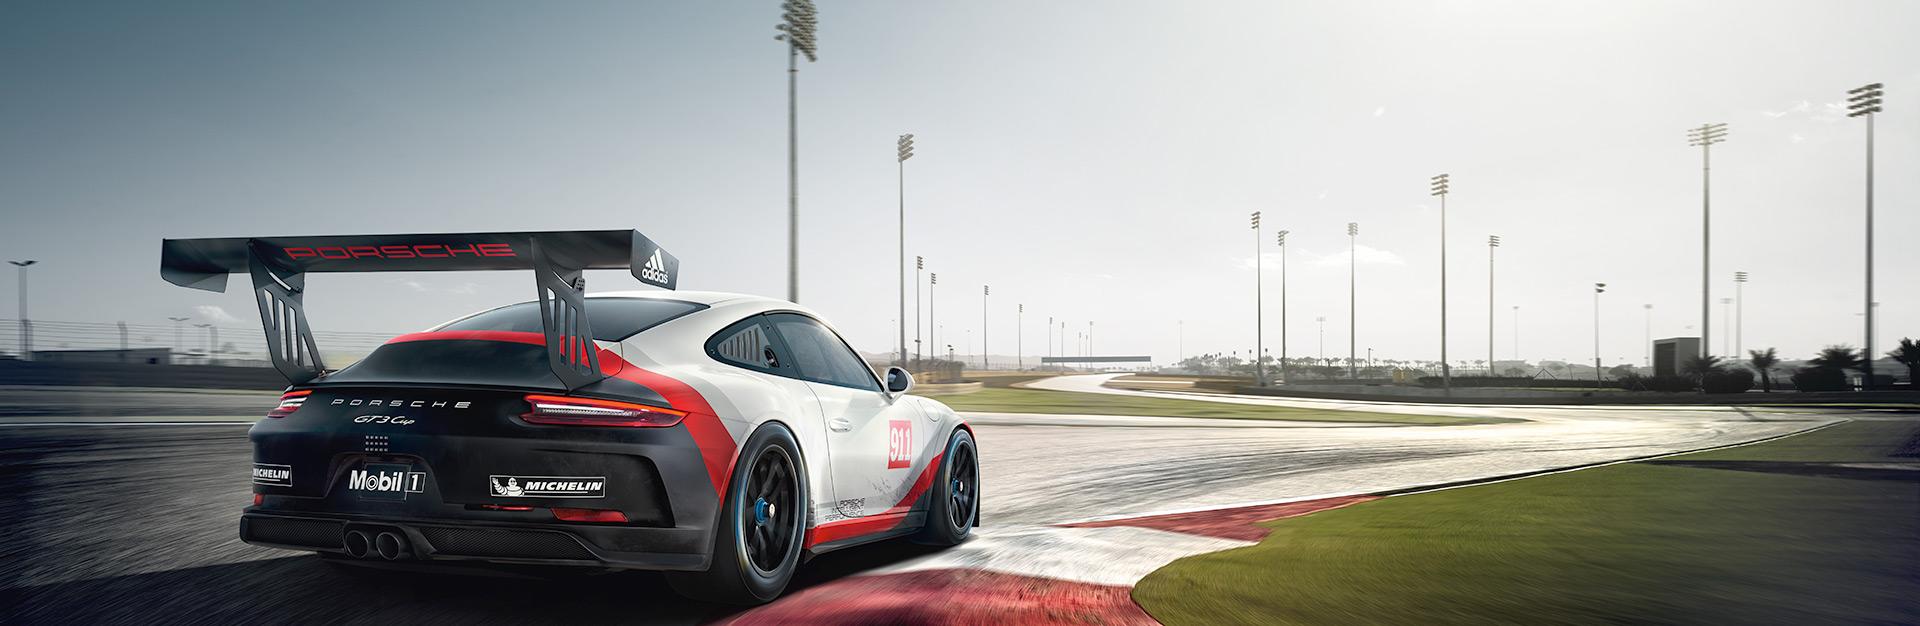 Porsche_head_bugatti_1920_01